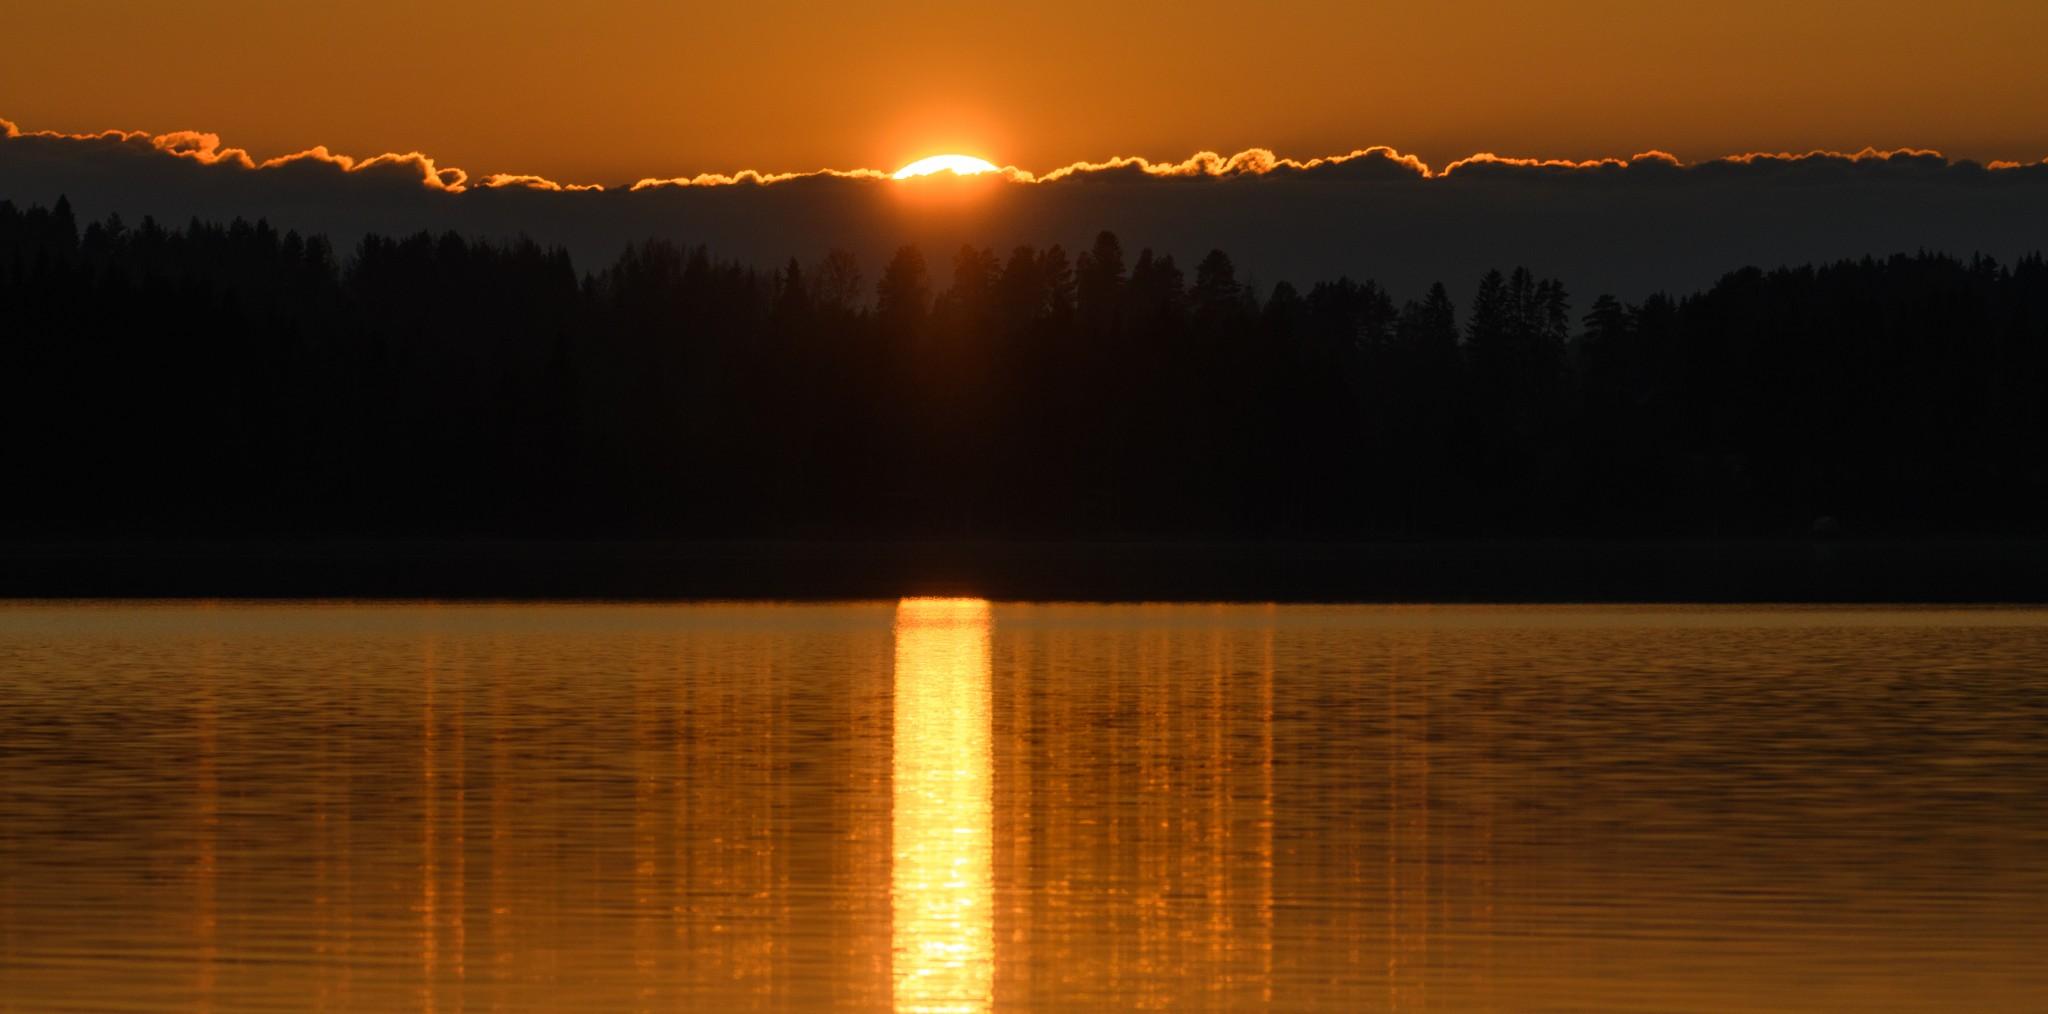 Auringonlasku valokuvaaja Leena Aijasaho